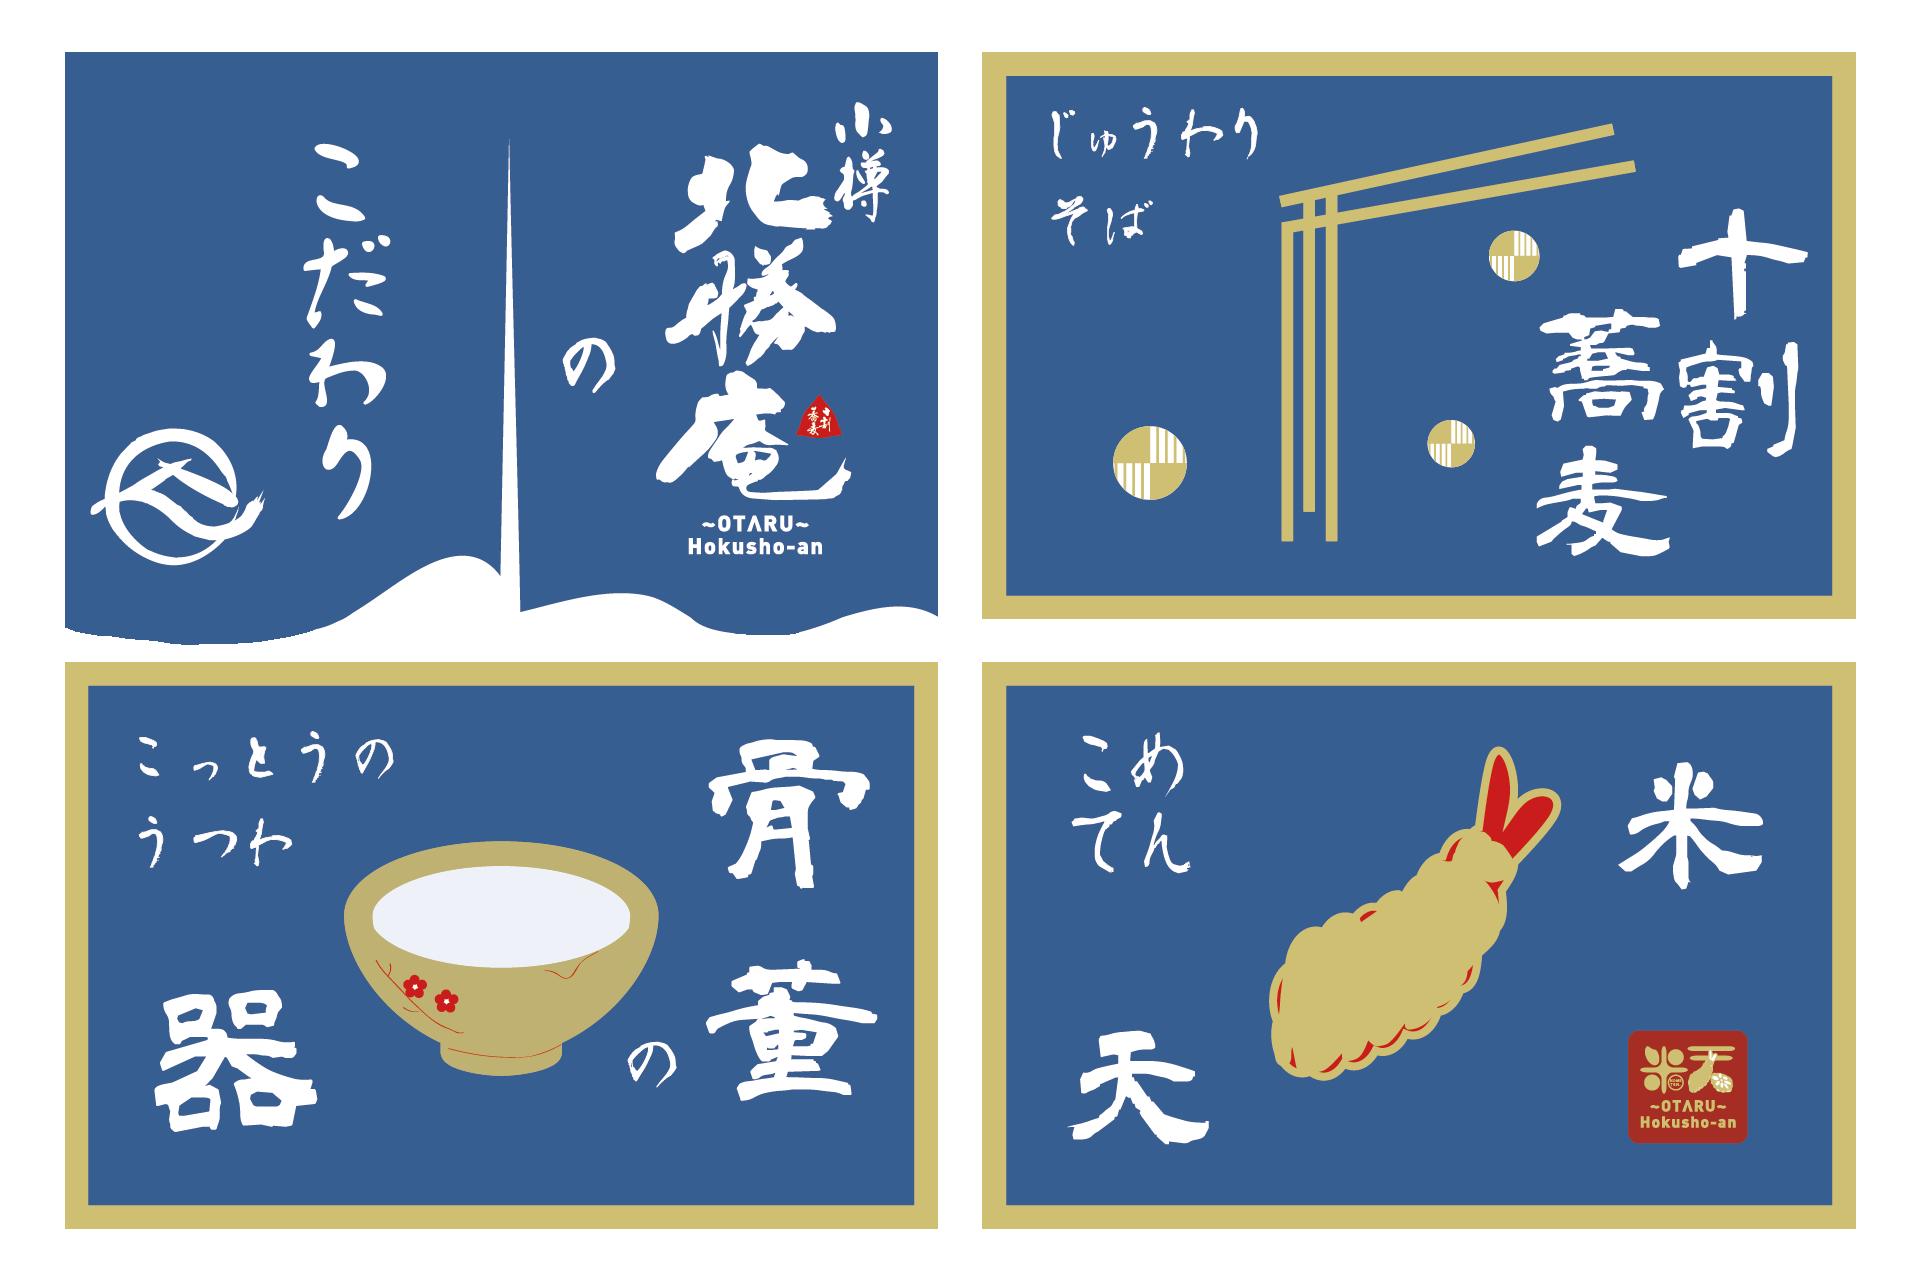 「오타루 호쿠쇼안」 의 엄선기준